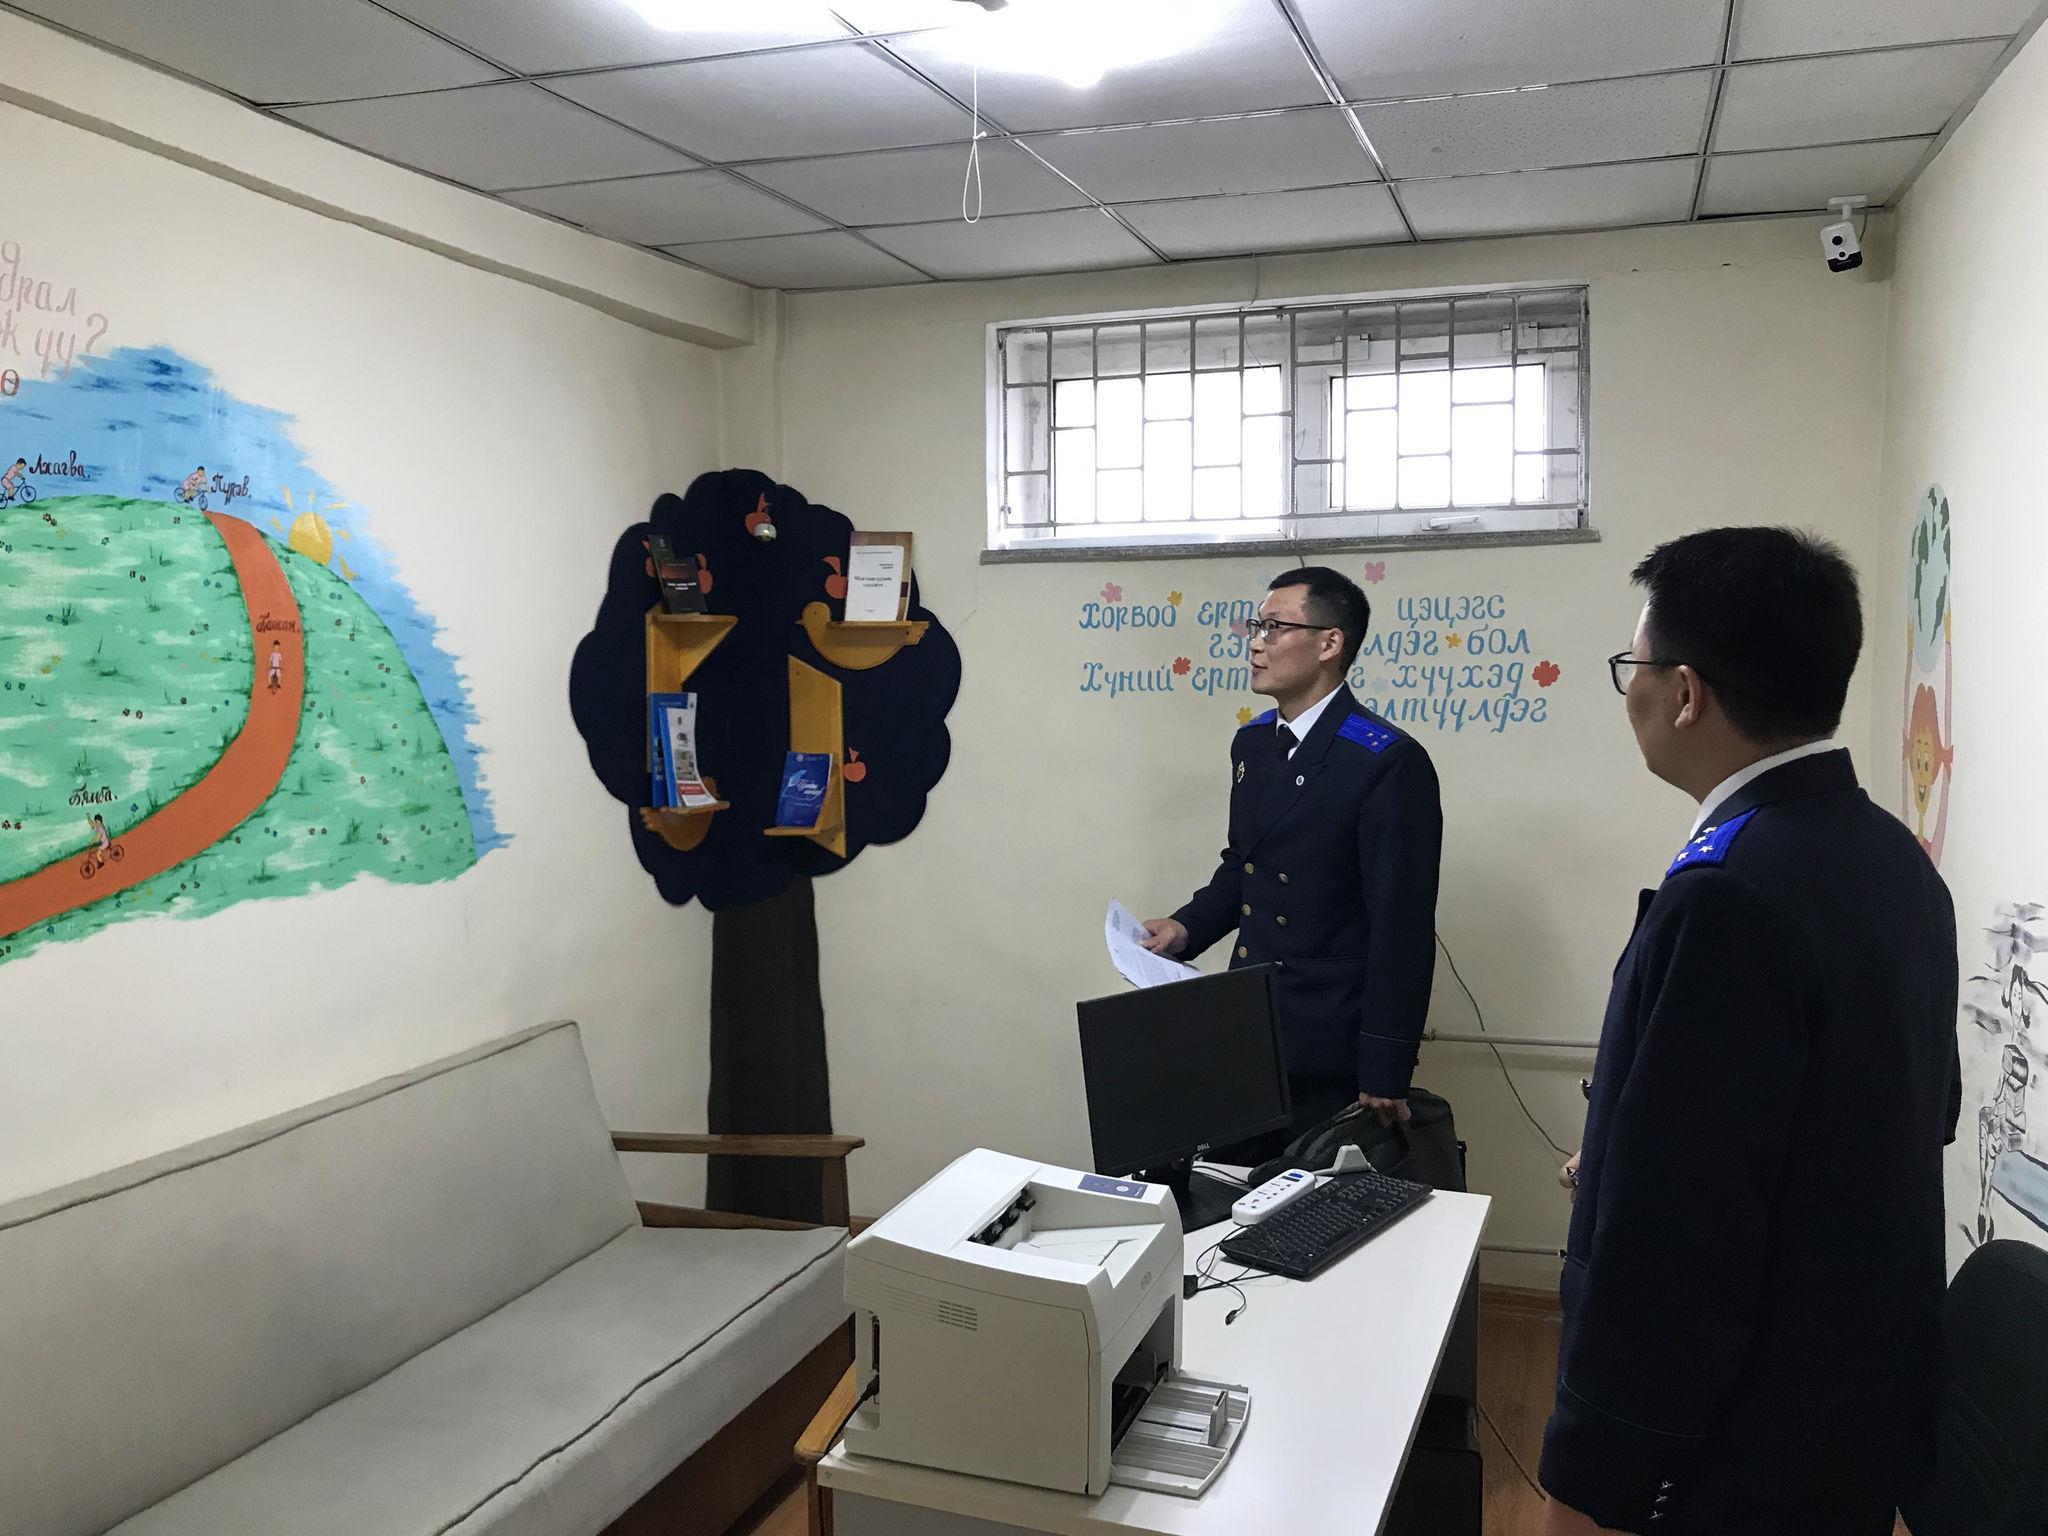 Мөрдөн шалгах байгууллагуудын мэдүүлэг авах өрөөнүүдийг шалгажээ